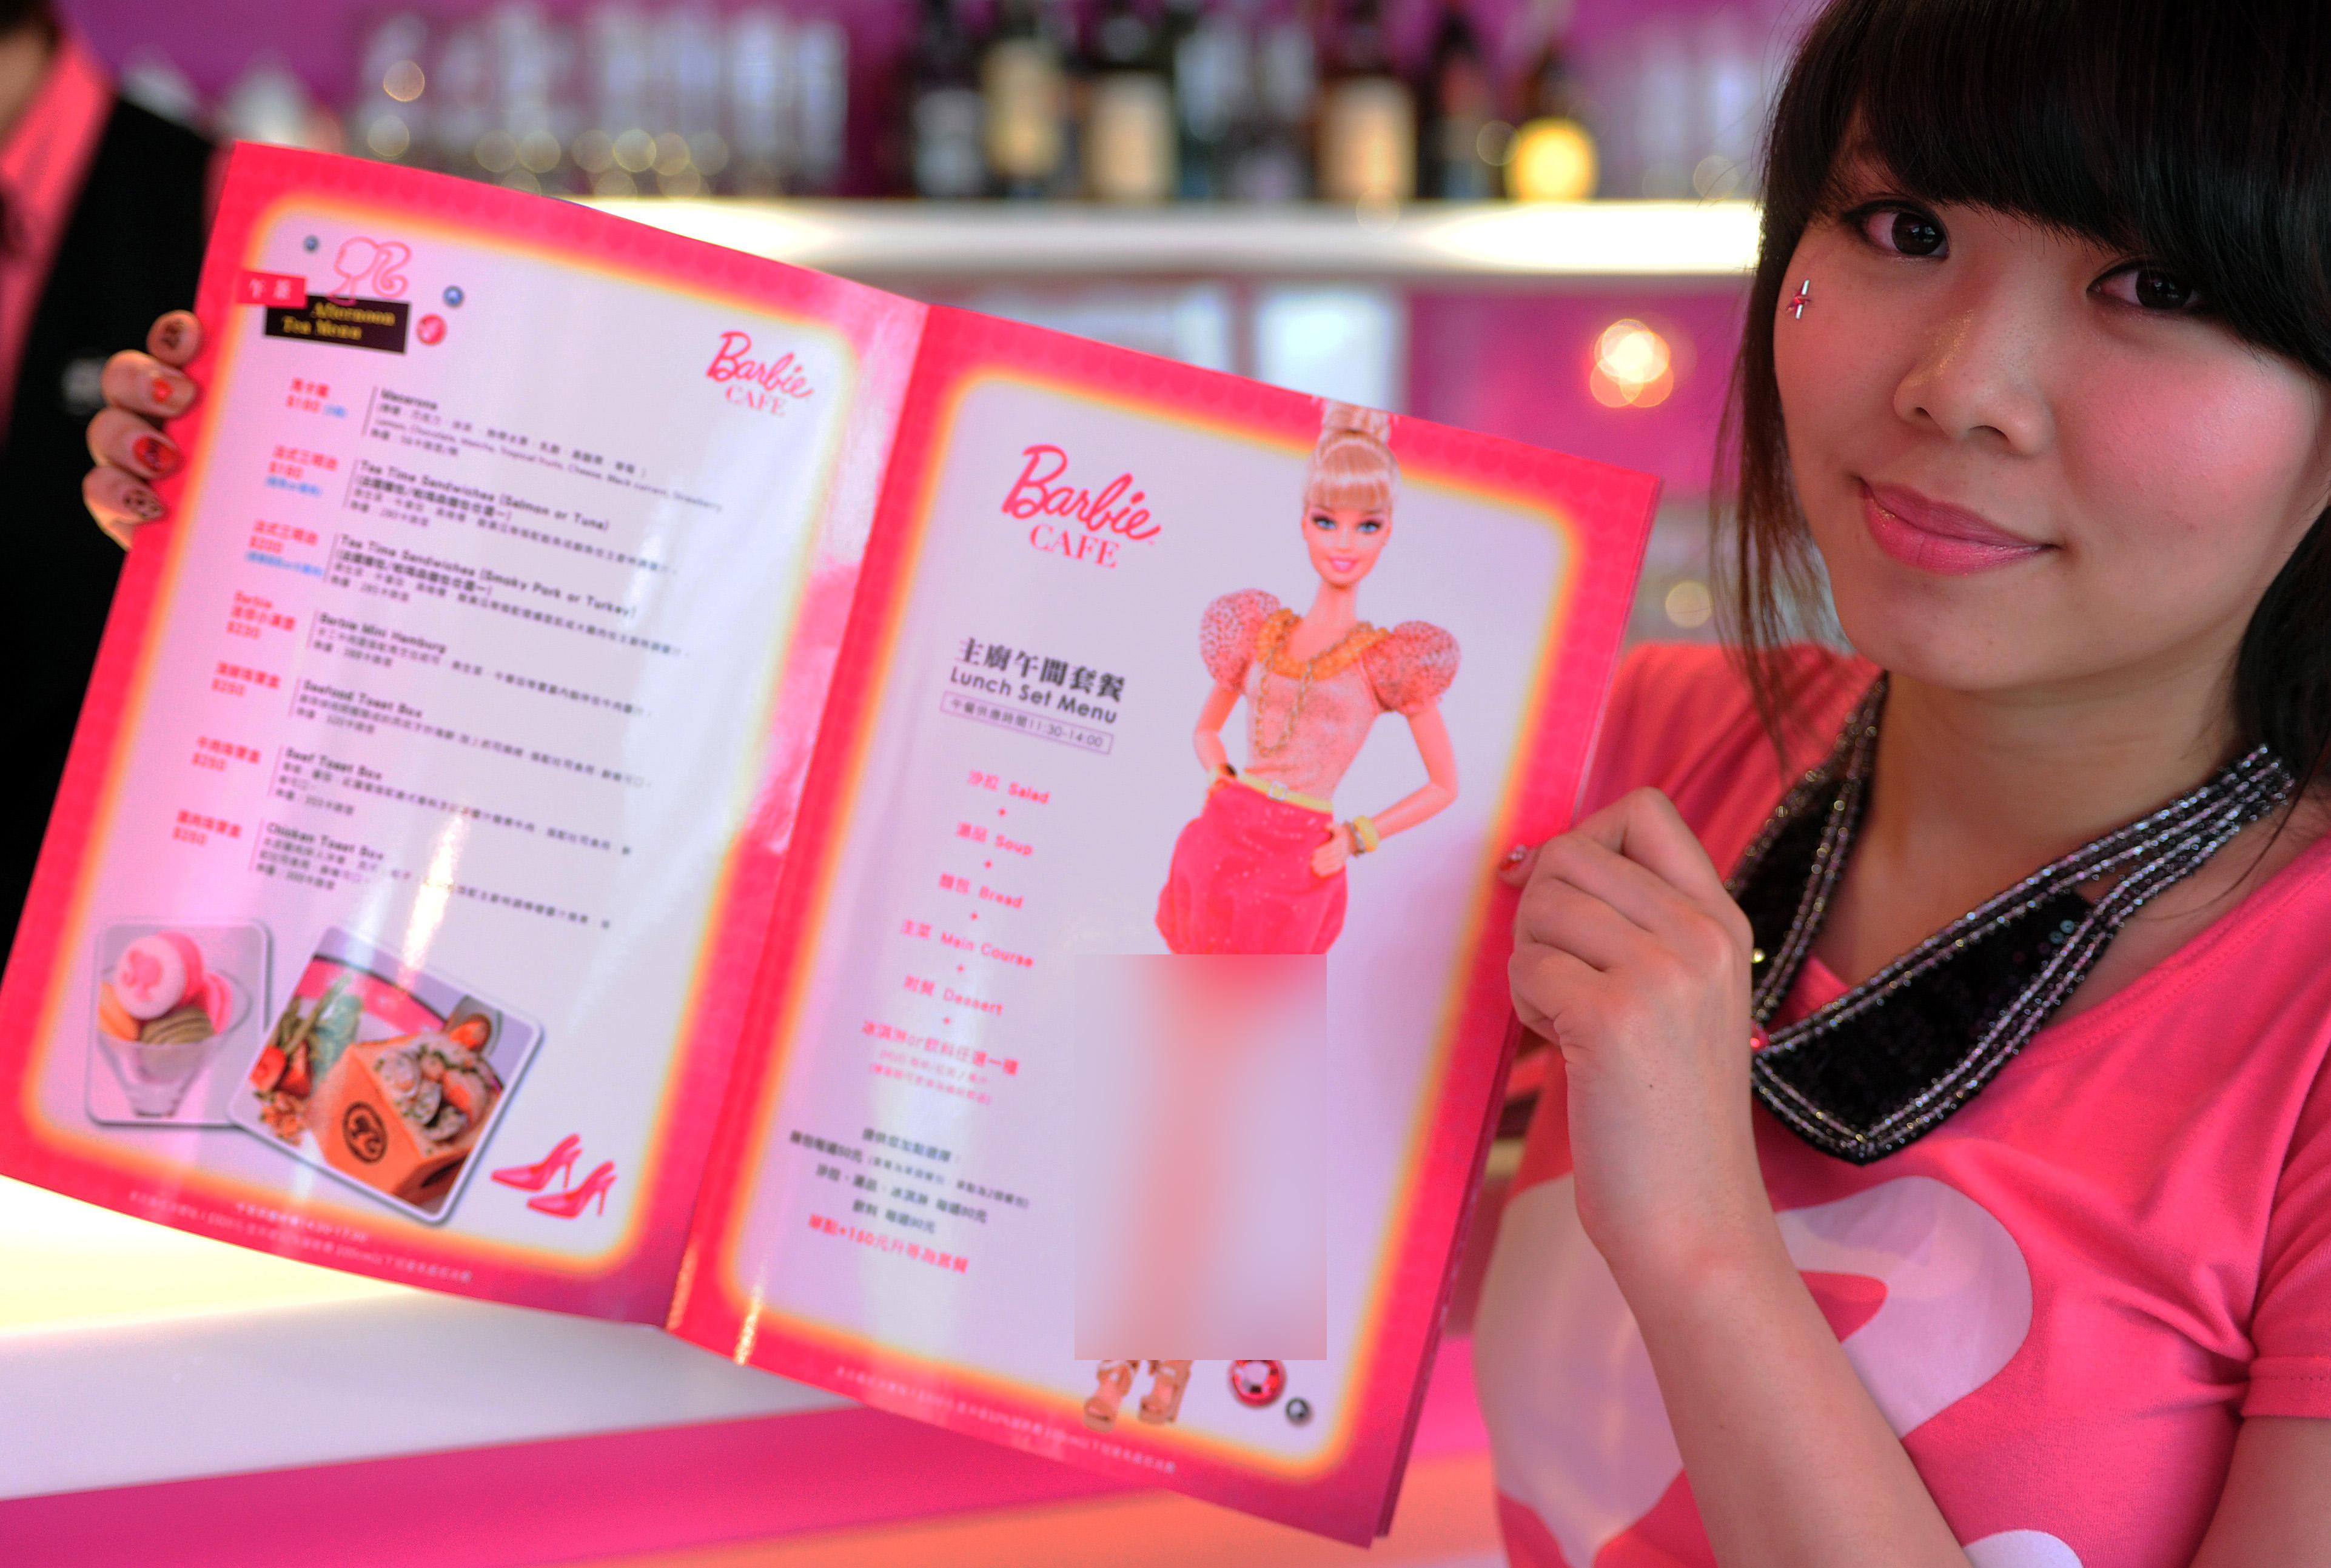 عجیبترین رستورانهای جهان/ از پذیرائی توسط زنان نینجا تا سرو غذا در یخبندان دبی! + تصاویر